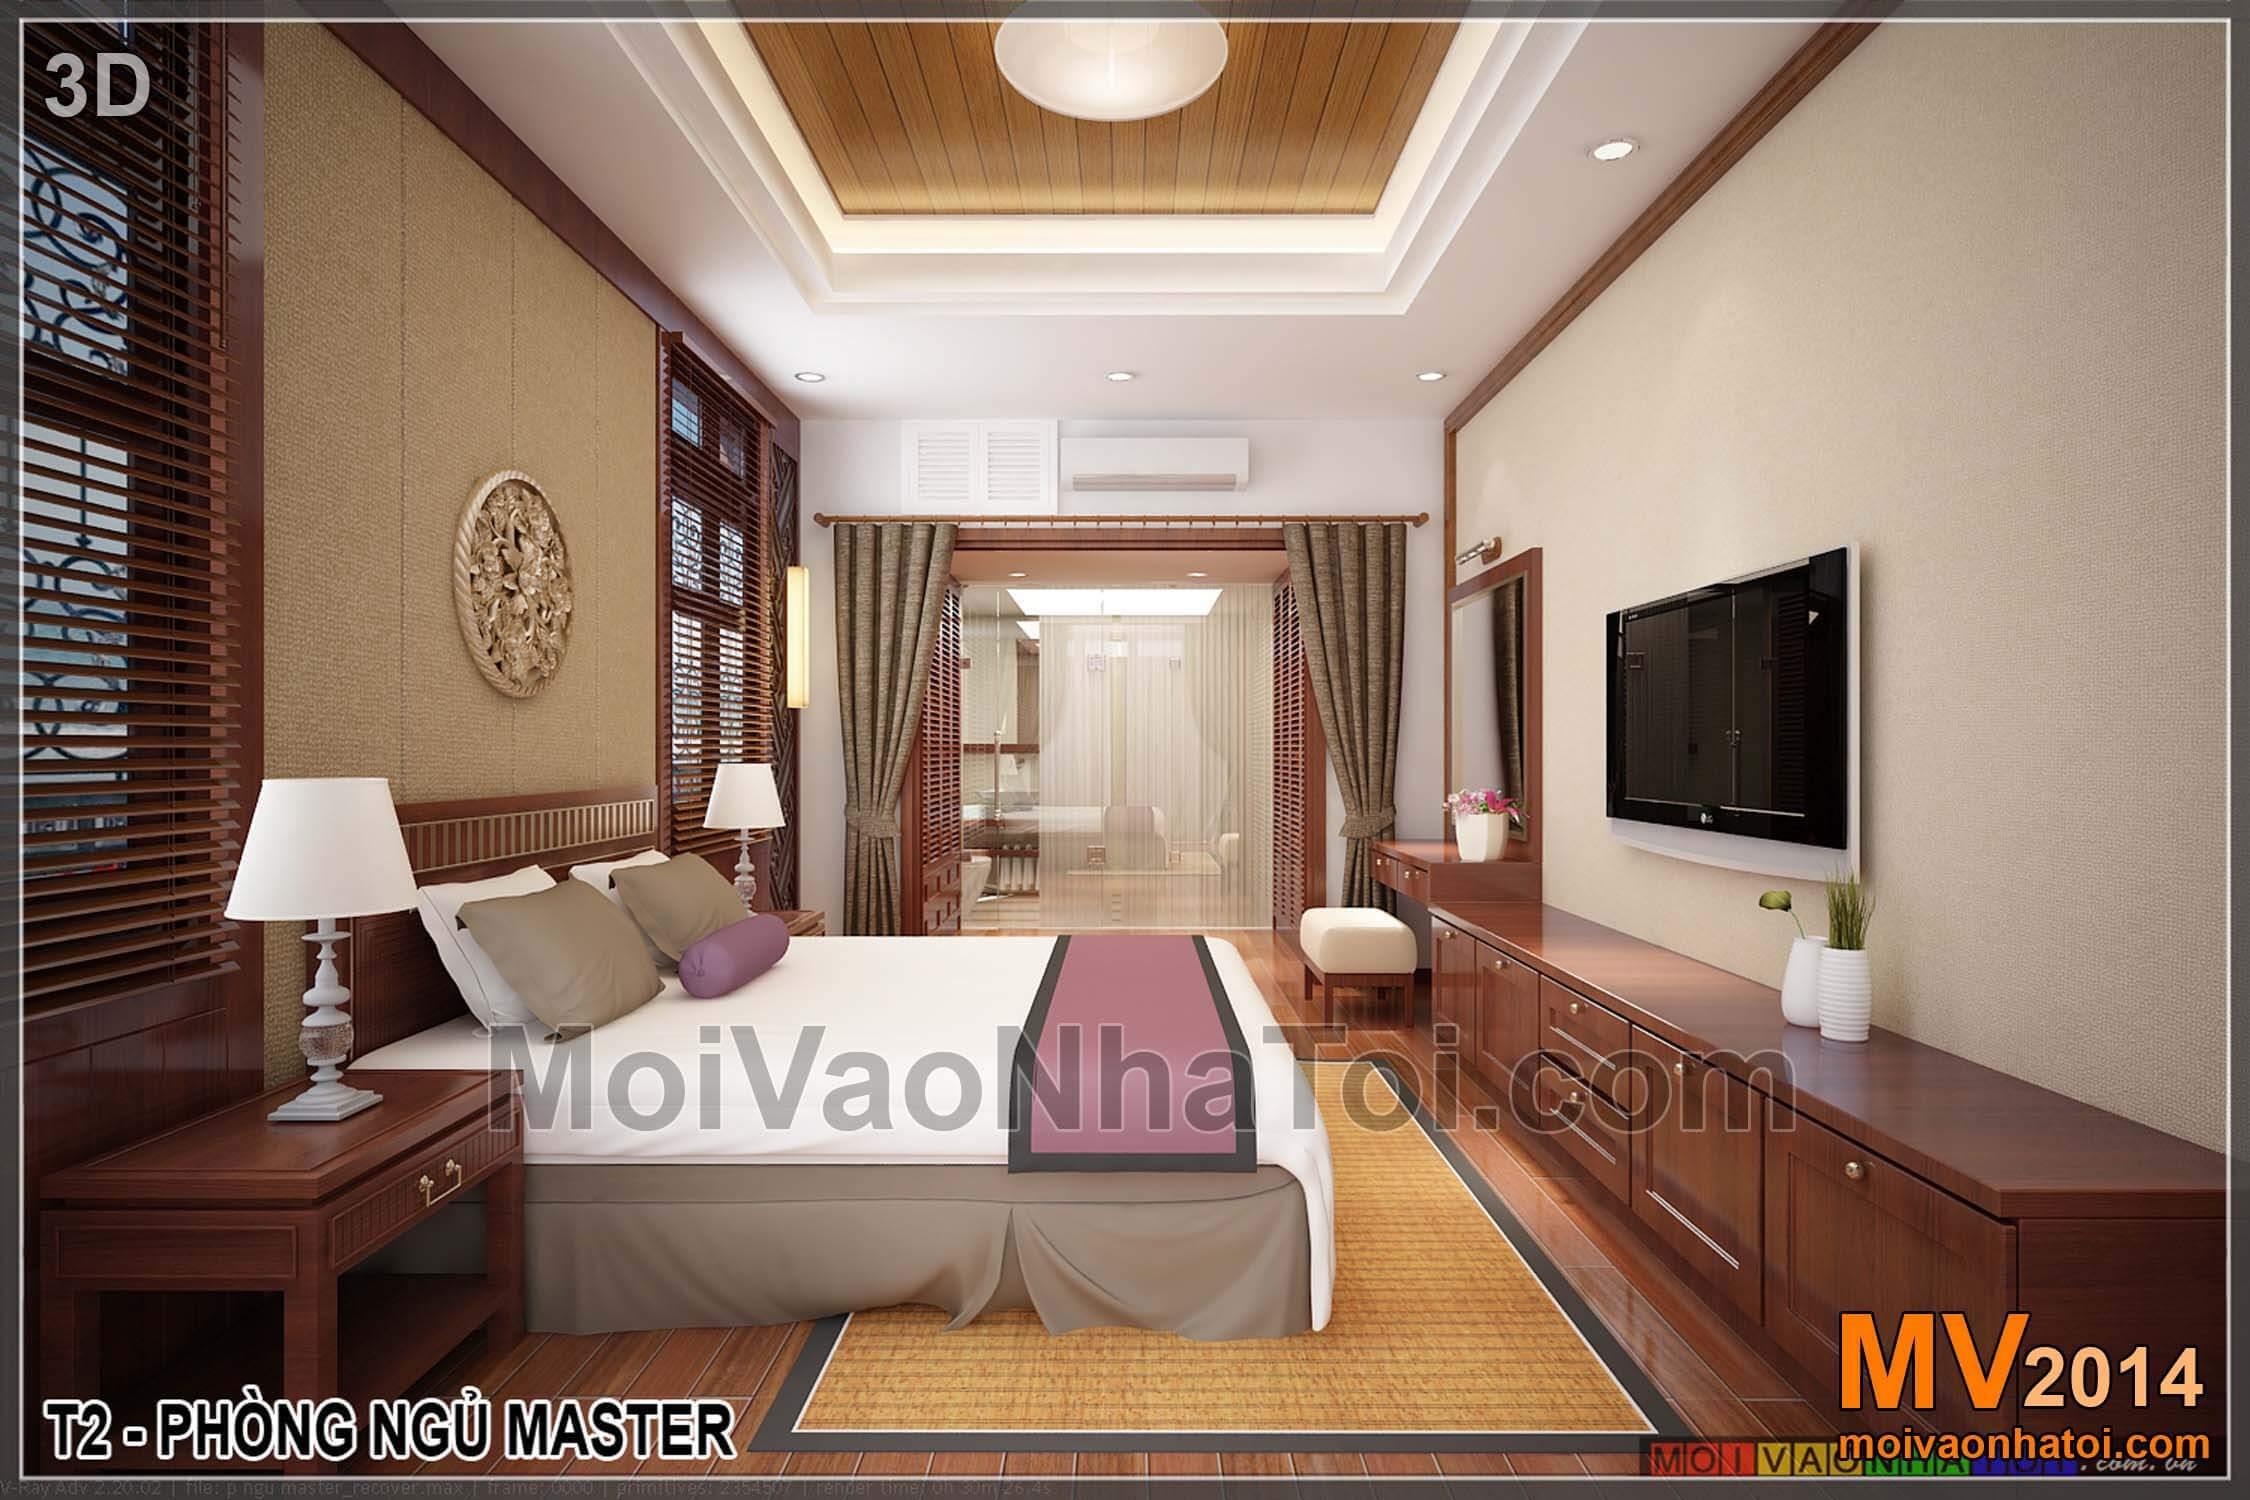 Phòng ngủ với nội thất phong cách Á Đông